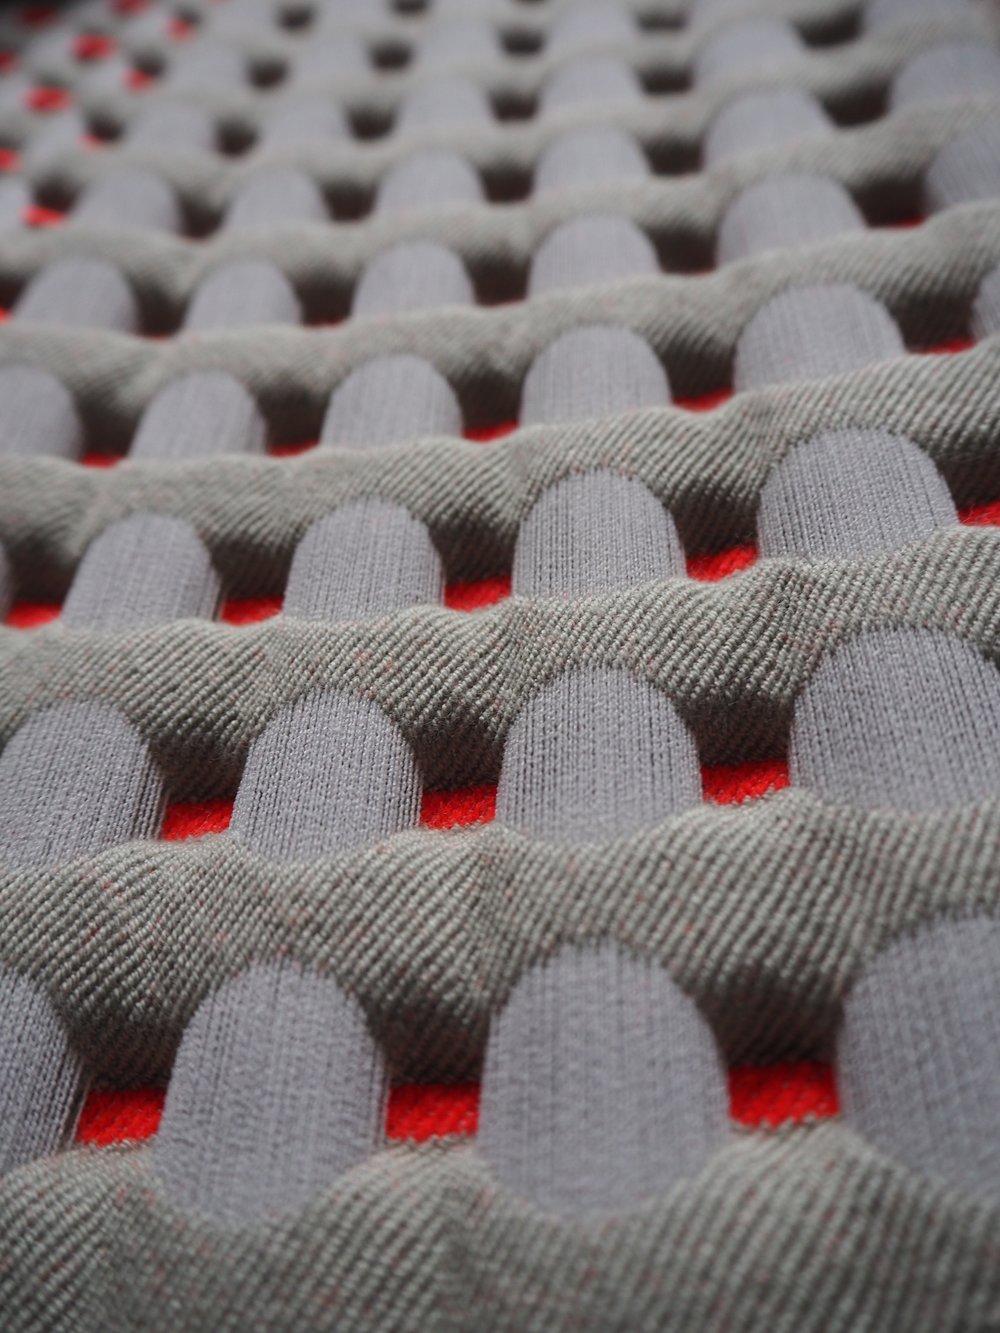 robinpleun-structured-textiles